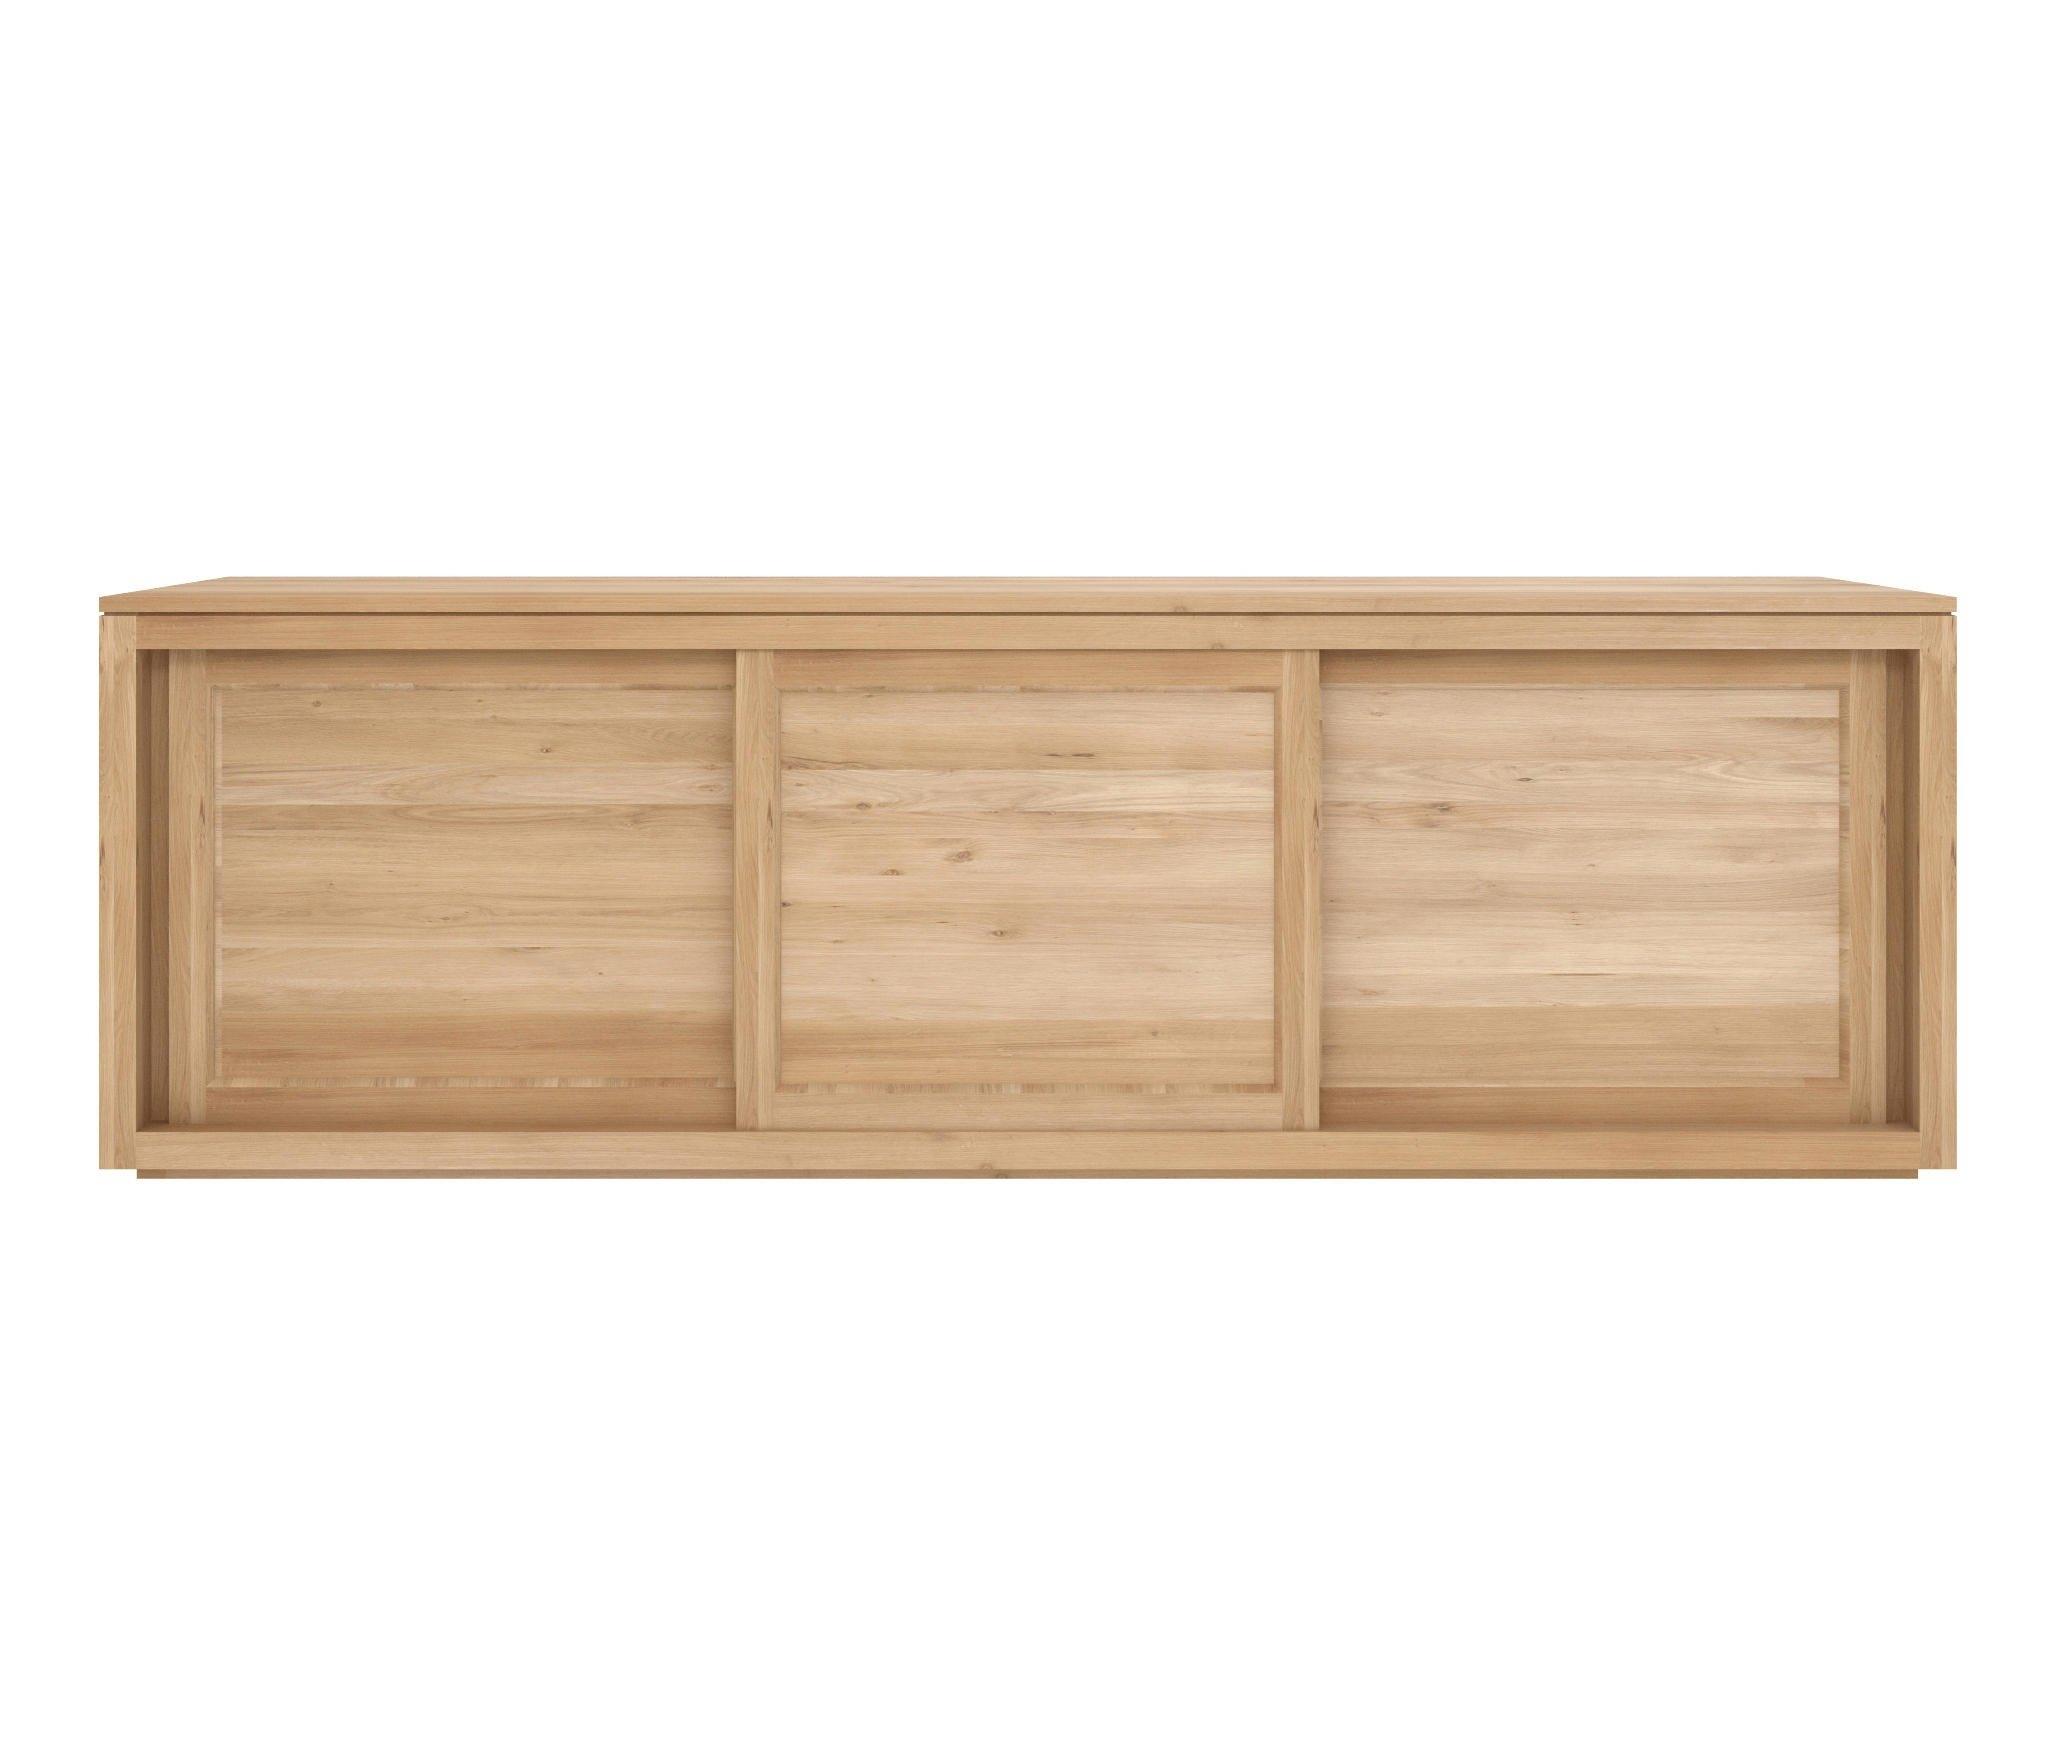 Ethnicraft Oak Pure Sideboard 200 Cm - 3 Sliding Doors in Industrial 3 Drawer 3 Door Sideboards (Image 9 of 30)